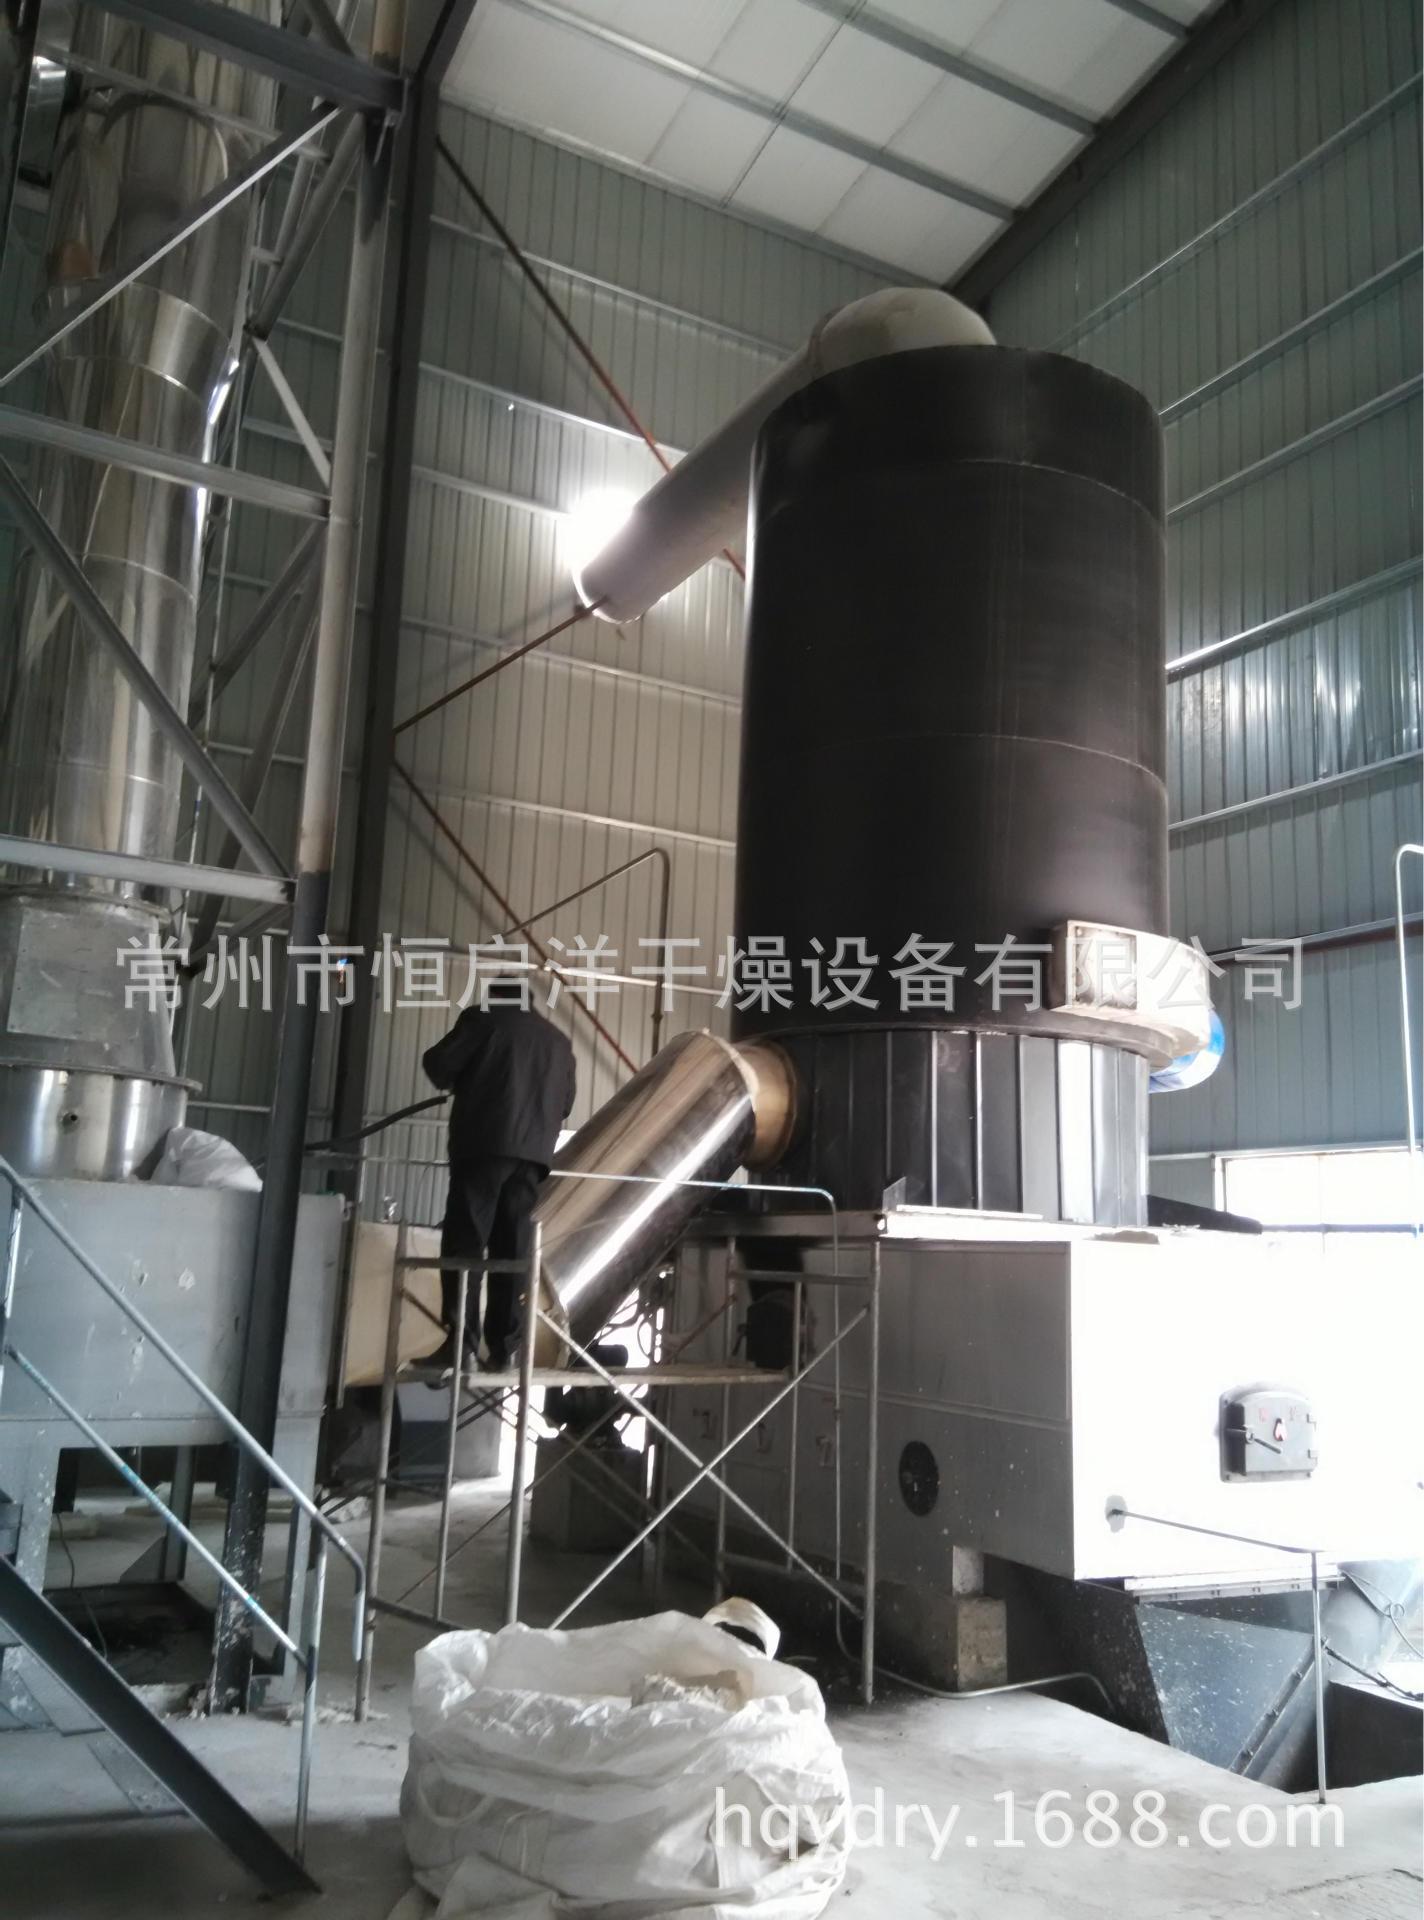 硫酸钾闪蒸干燥机 硫酸钾干燥机 恒启洋精工制造